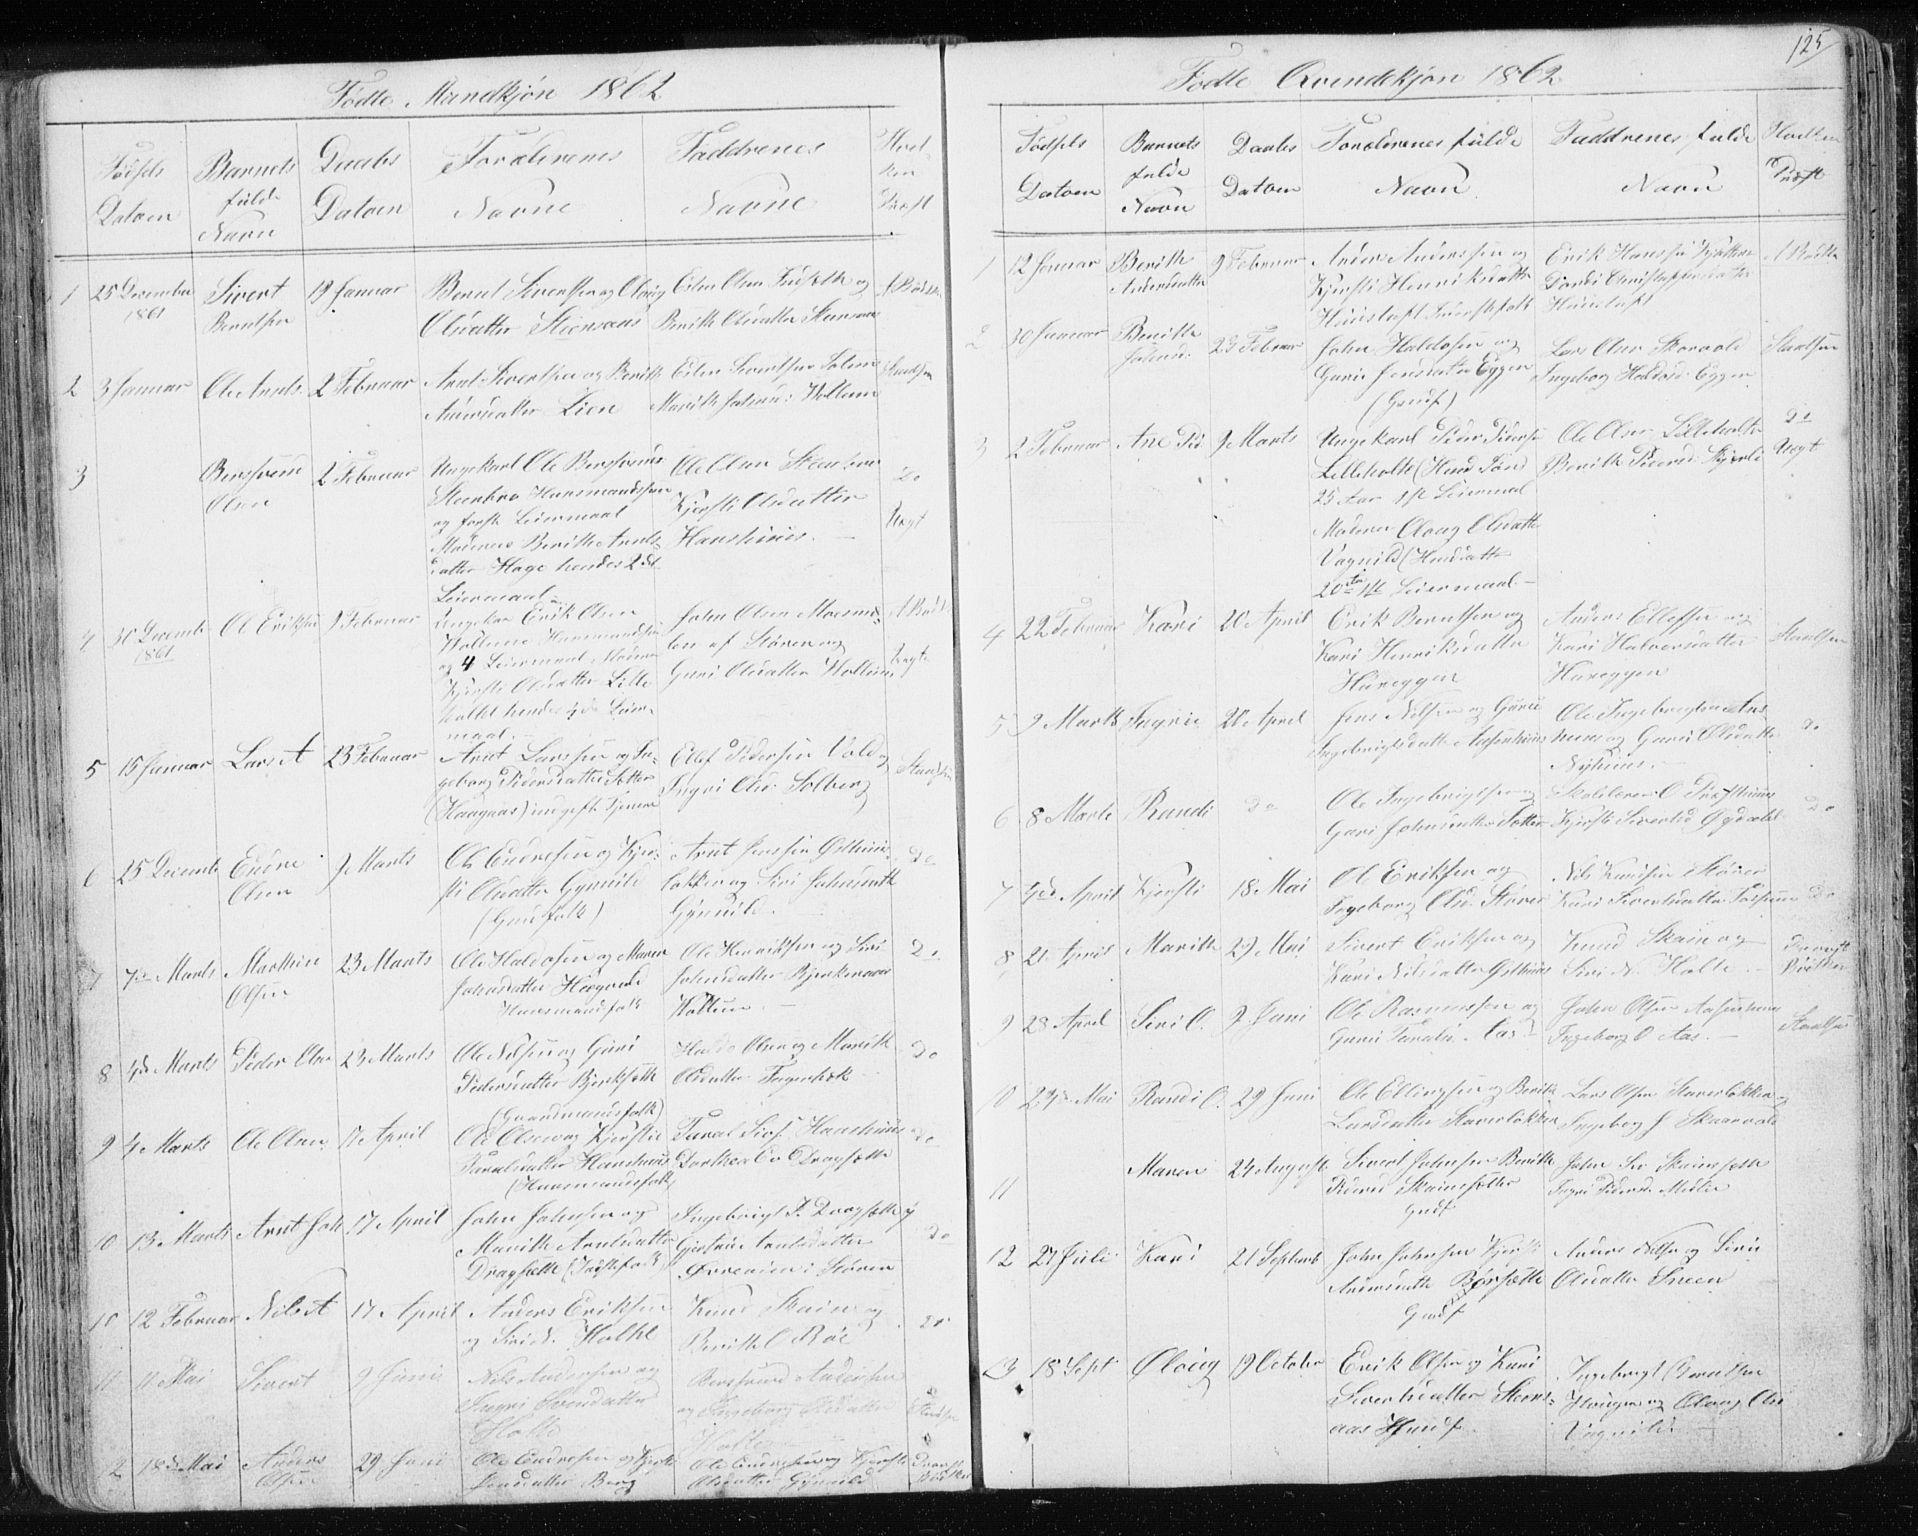 SAT, Ministerialprotokoller, klokkerbøker og fødselsregistre - Sør-Trøndelag, 689/L1043: Klokkerbok nr. 689C02, 1816-1892, s. 125